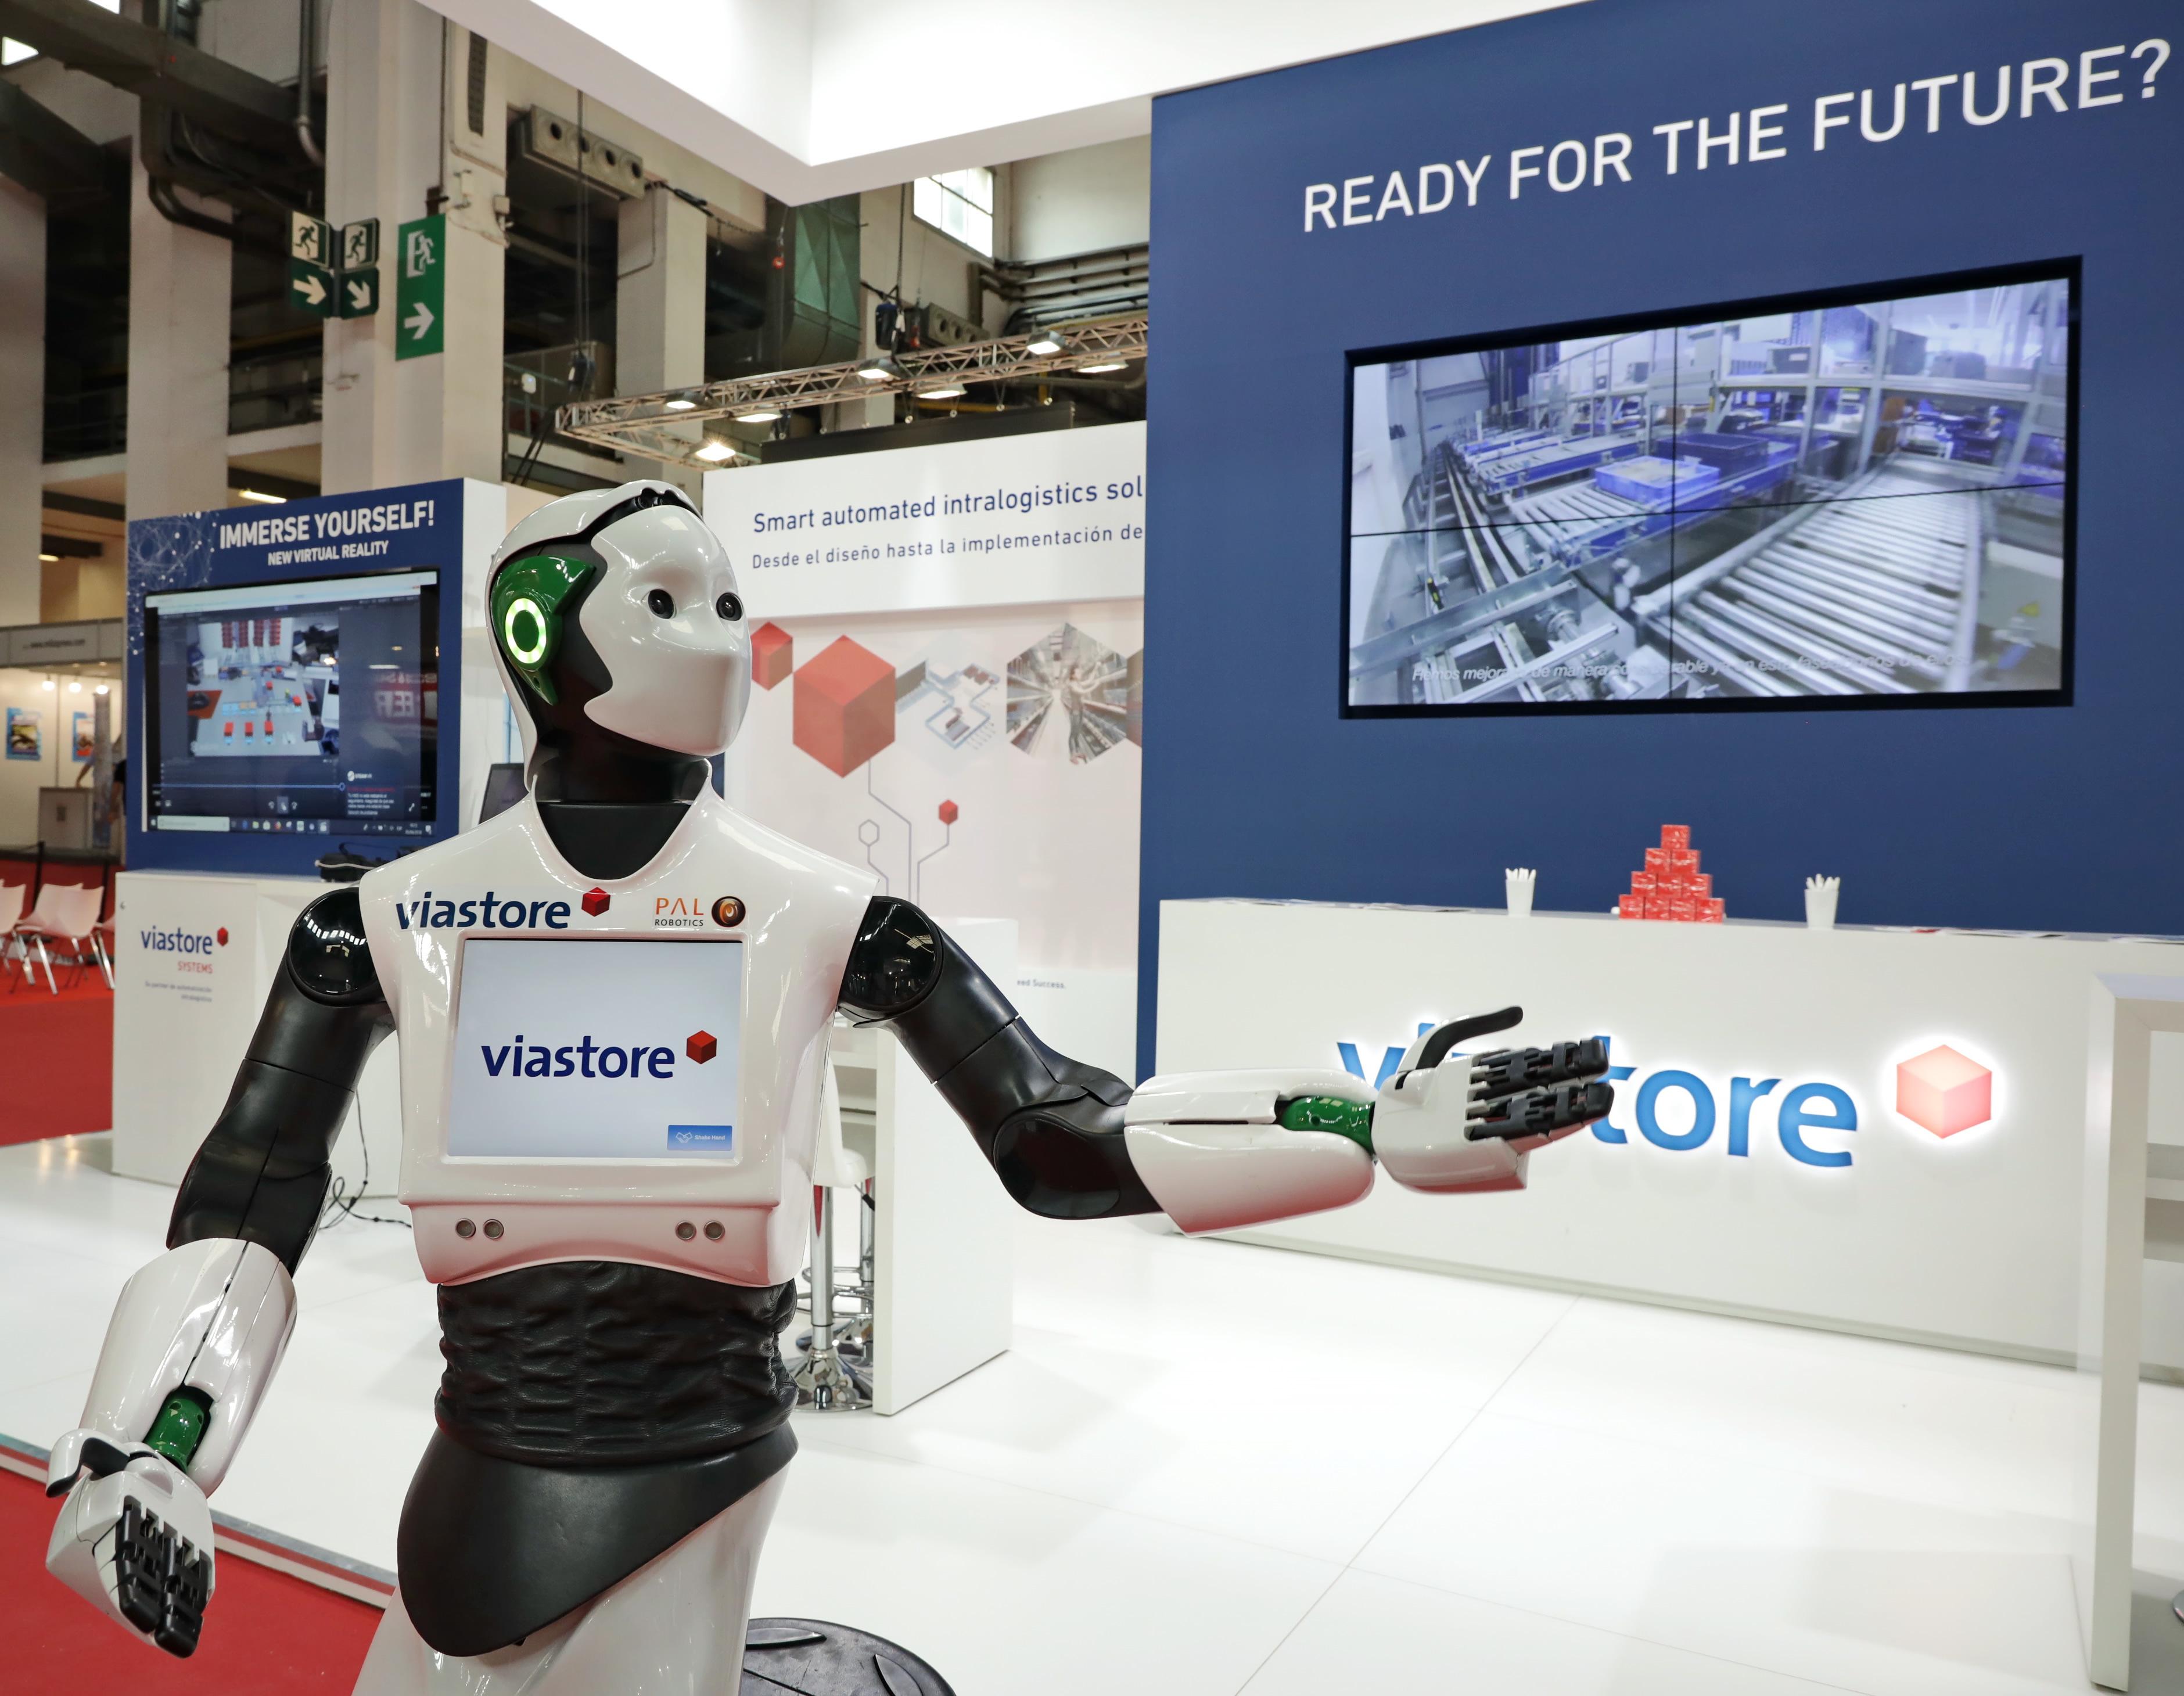 La logística inteligente revoluciona el sector